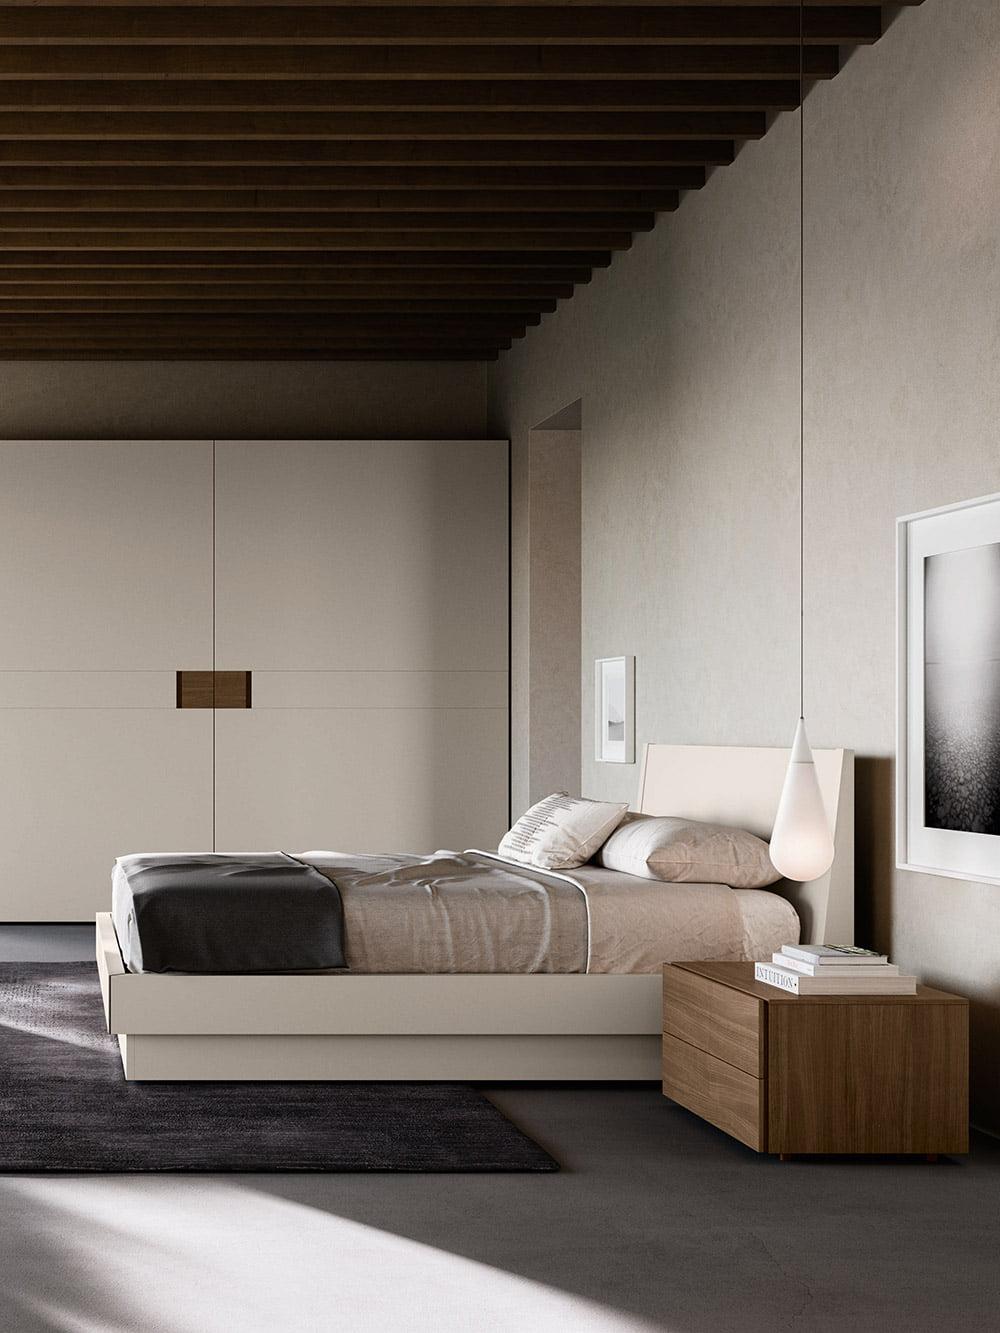 Vincent_004-Bed